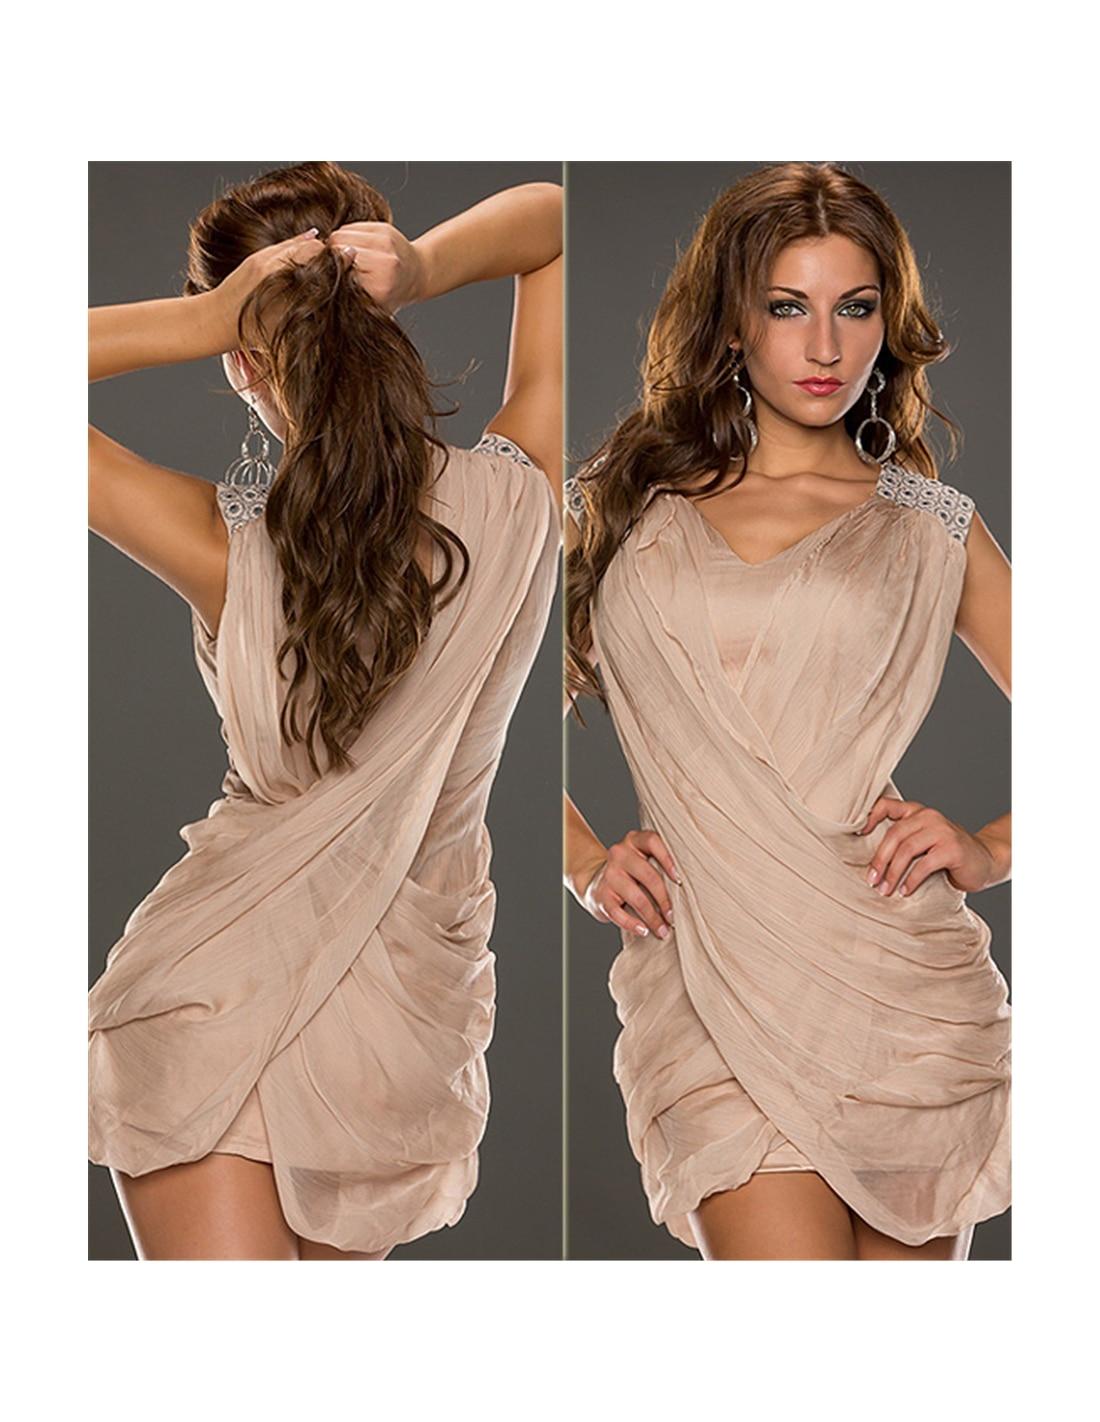 DETAIL_11327 - Vestido Organza - M-PR2010324094